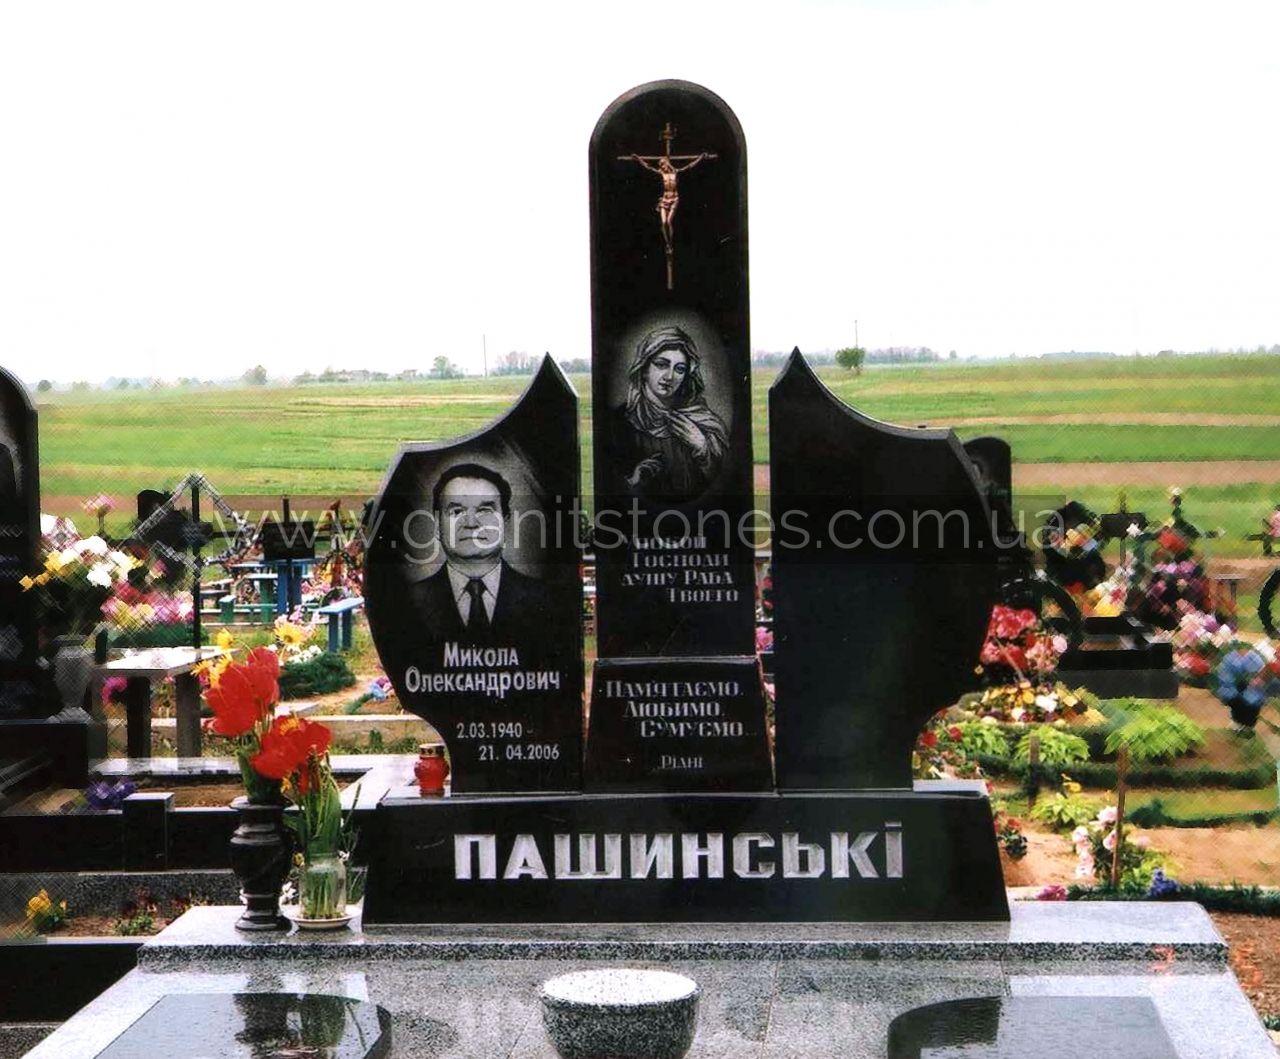 Мемориальный комплекс из двух видов гранитов Гулькевичи надпись на надгробие маме бабушке